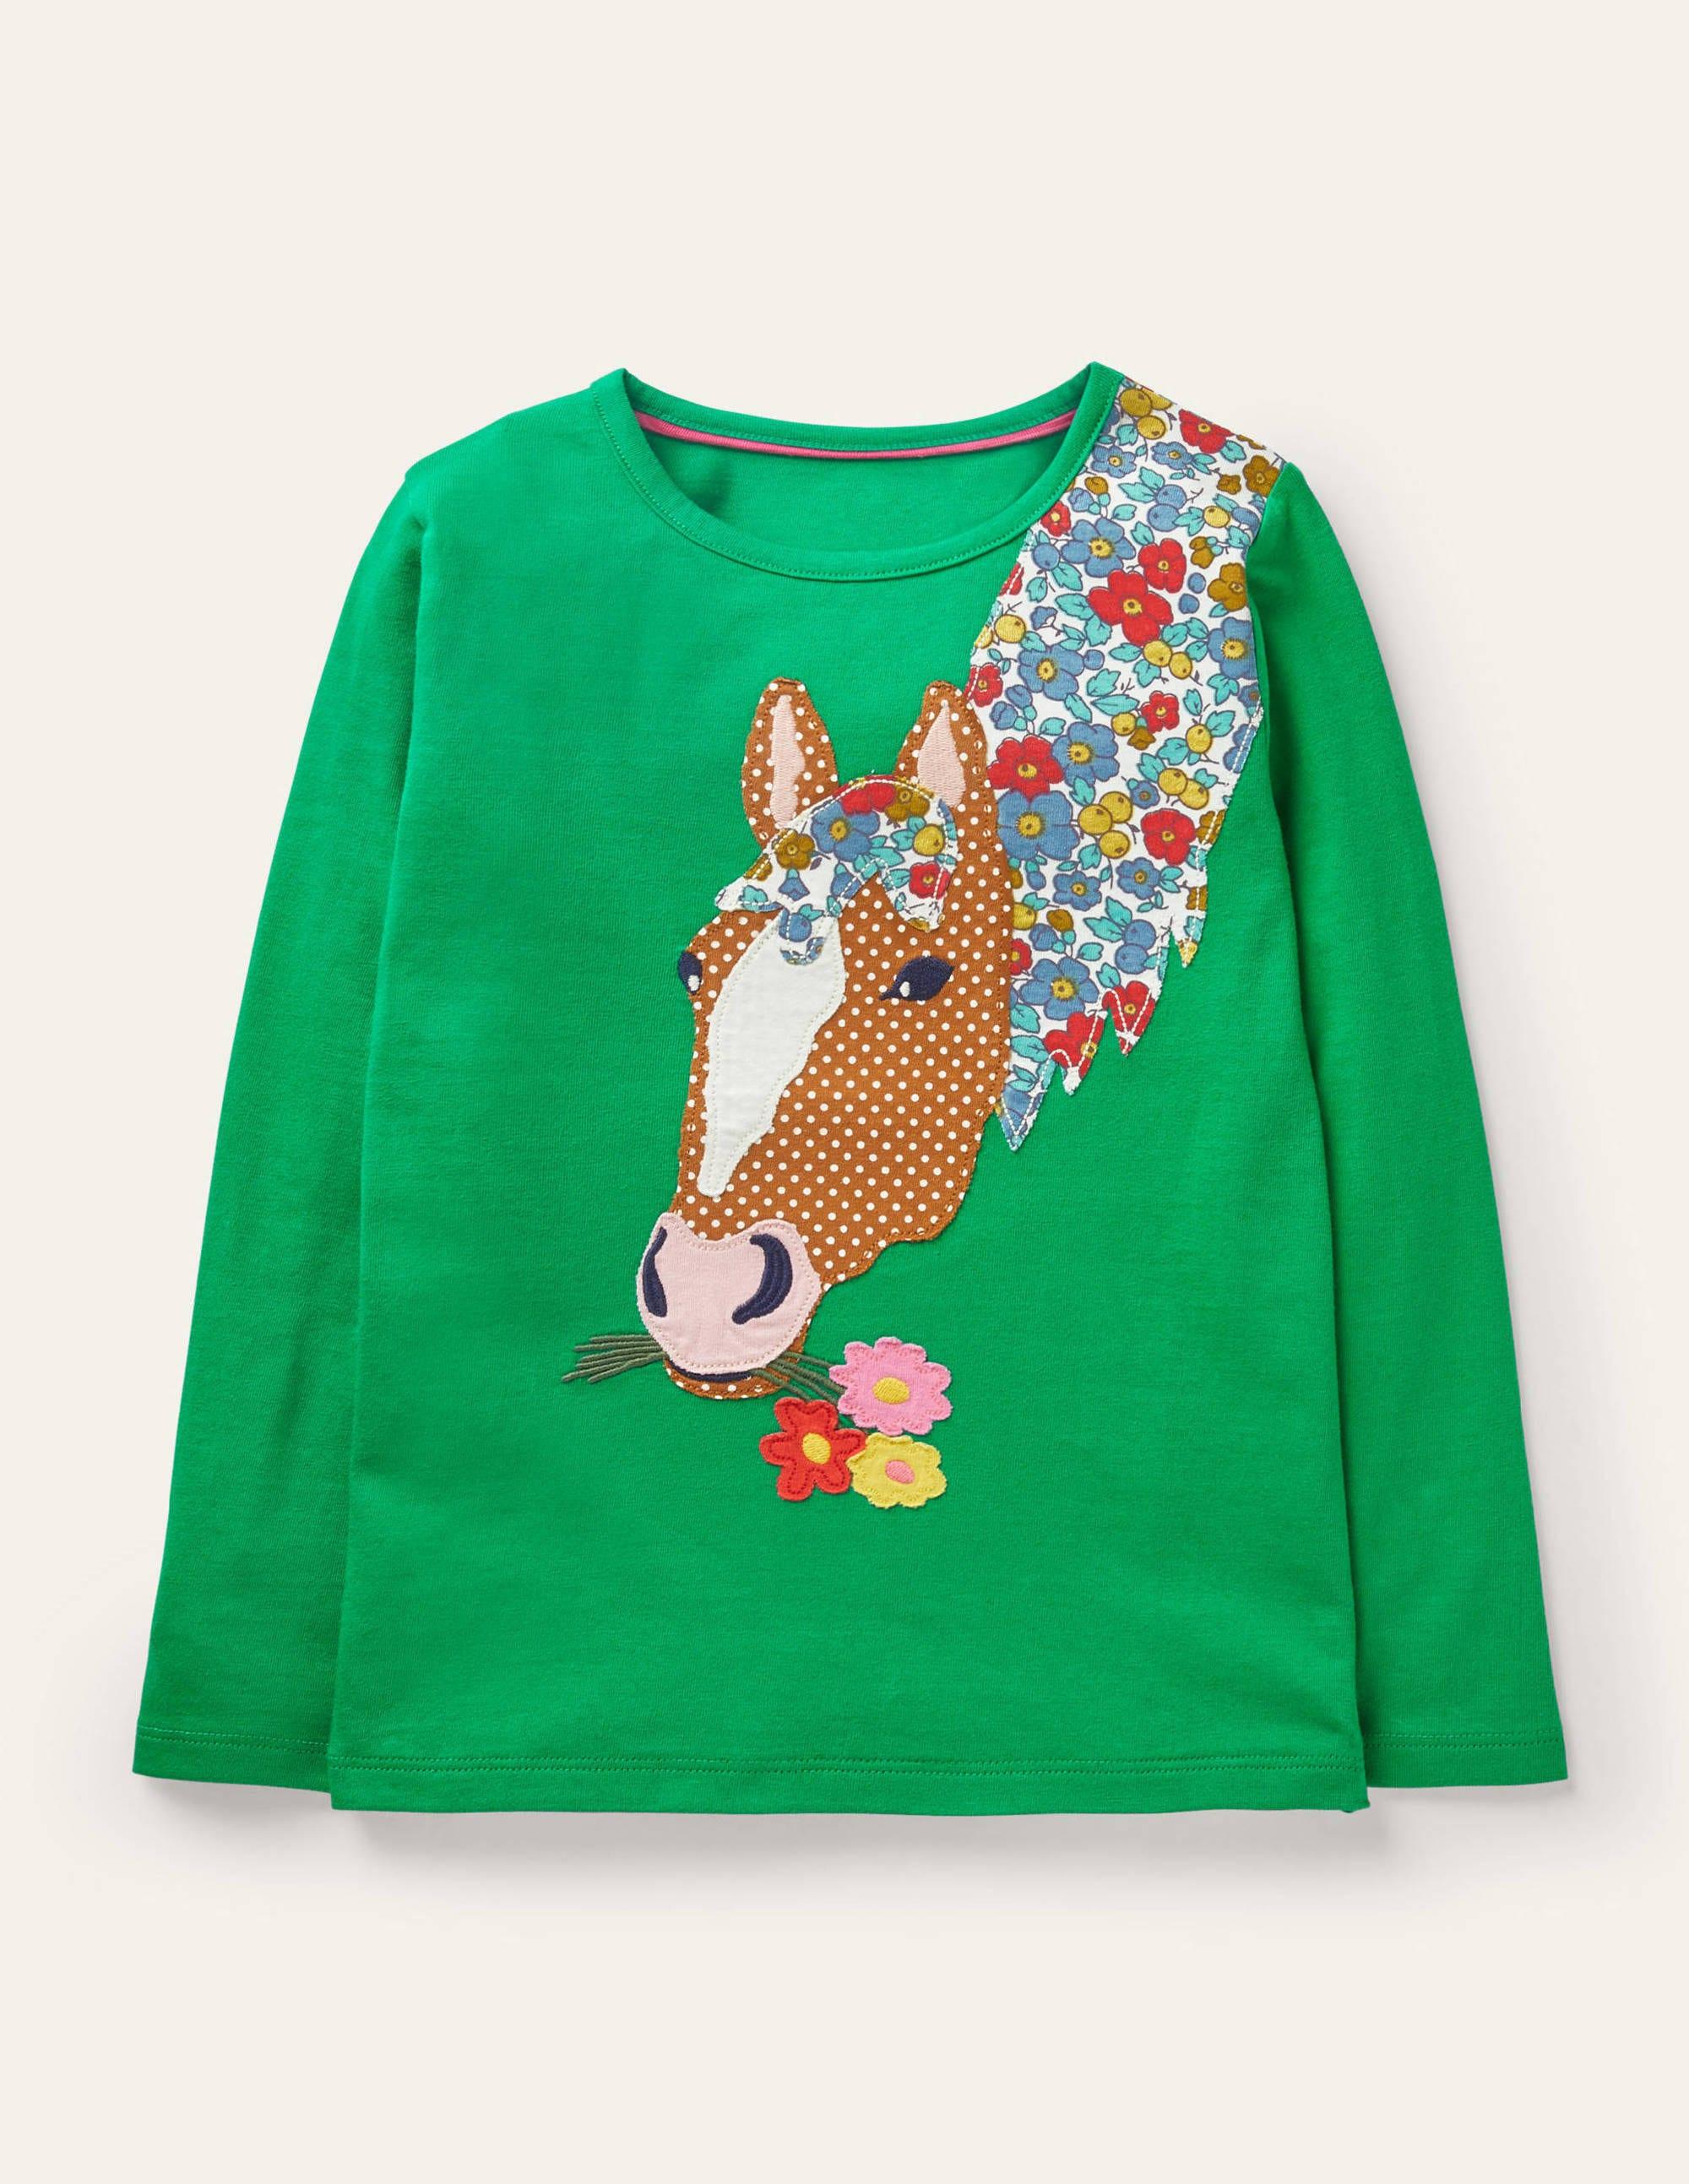 Boden Front & Back T-shirt - Green Pepper Horse